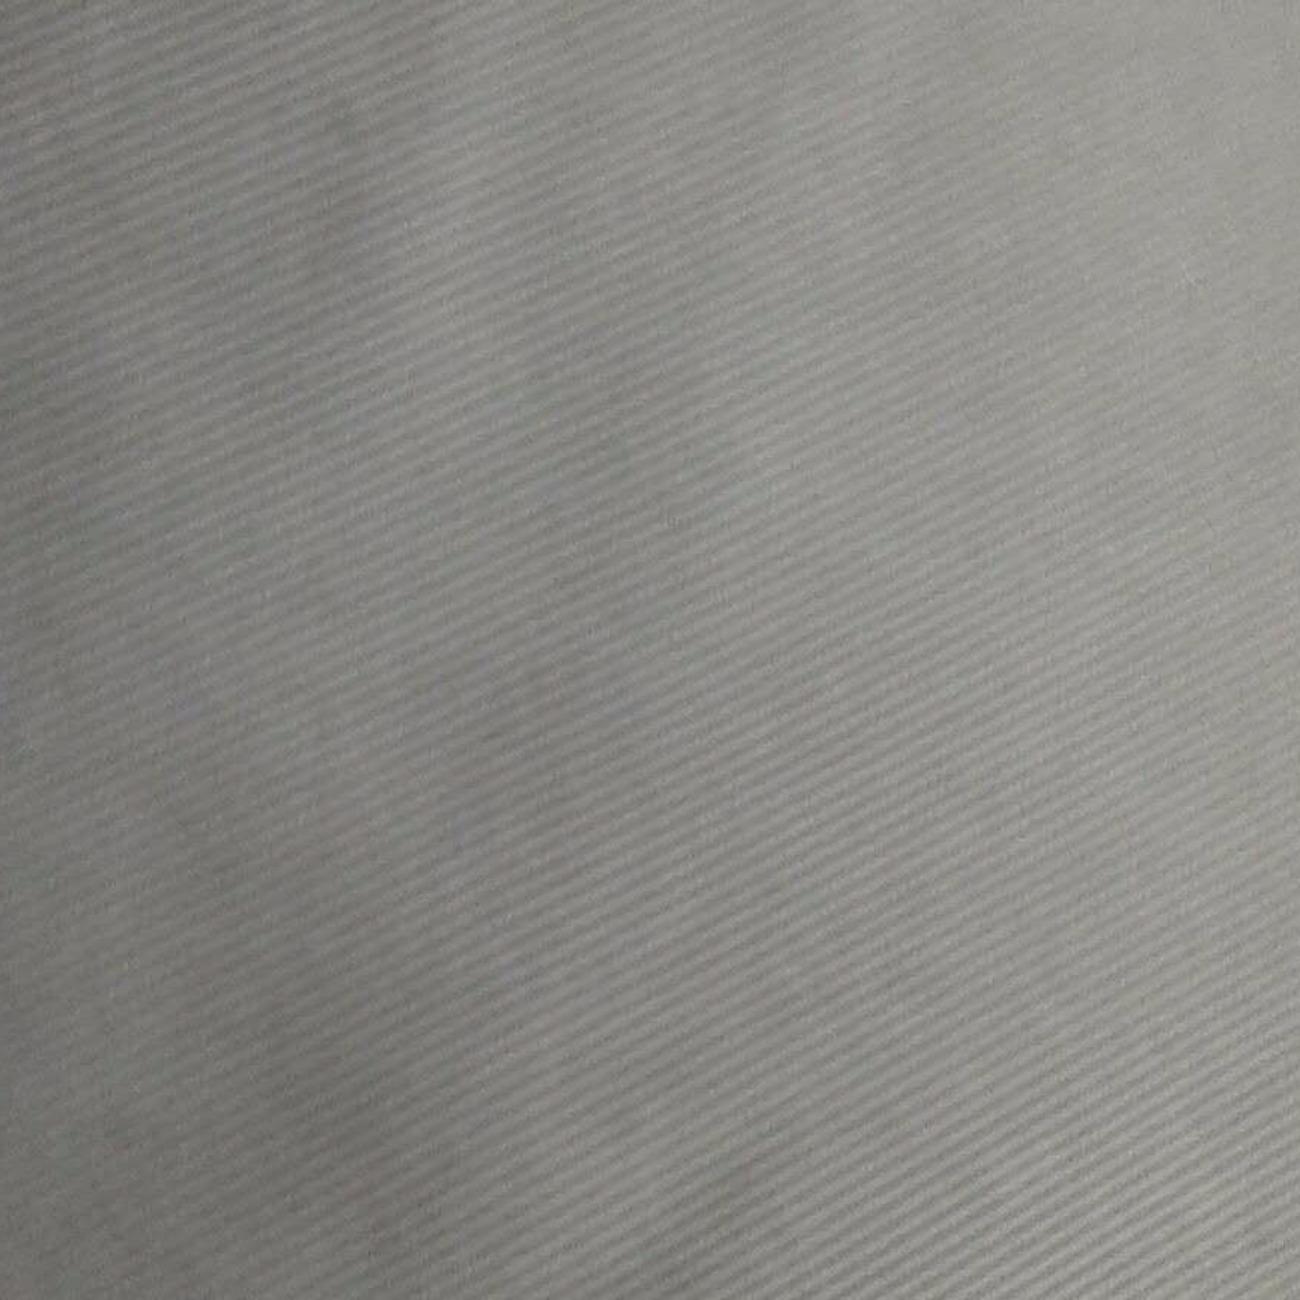 100%天丝梭织斜纹染色布